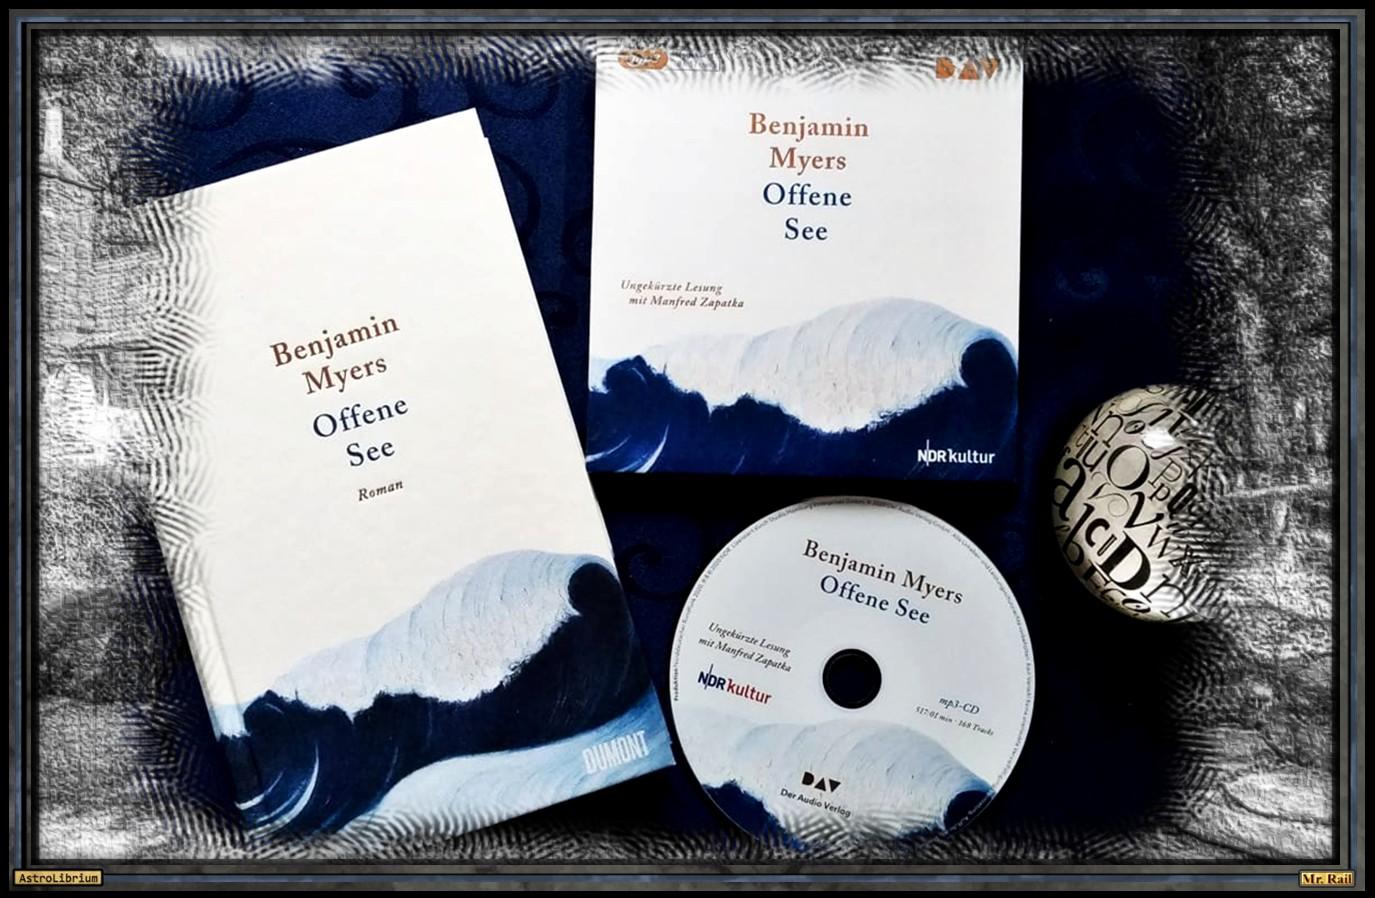 Offene See von Benjamin Myers - AstroLibrium